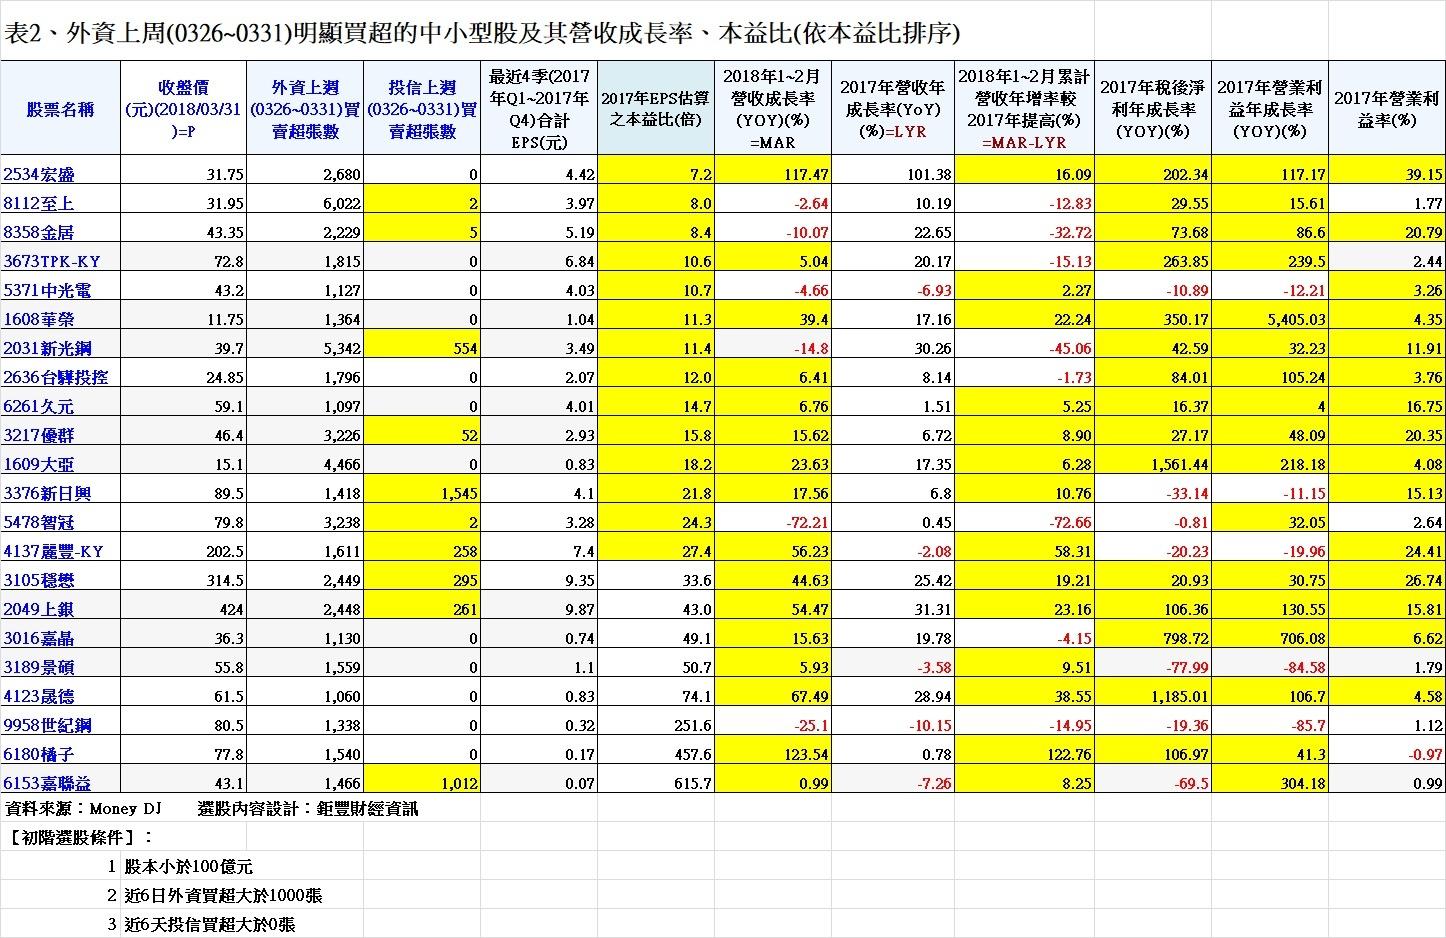 20180331表2、外資上周(0326~0331)明顯買超的中小型股及其營收成長率、本益比(依本益比排序)